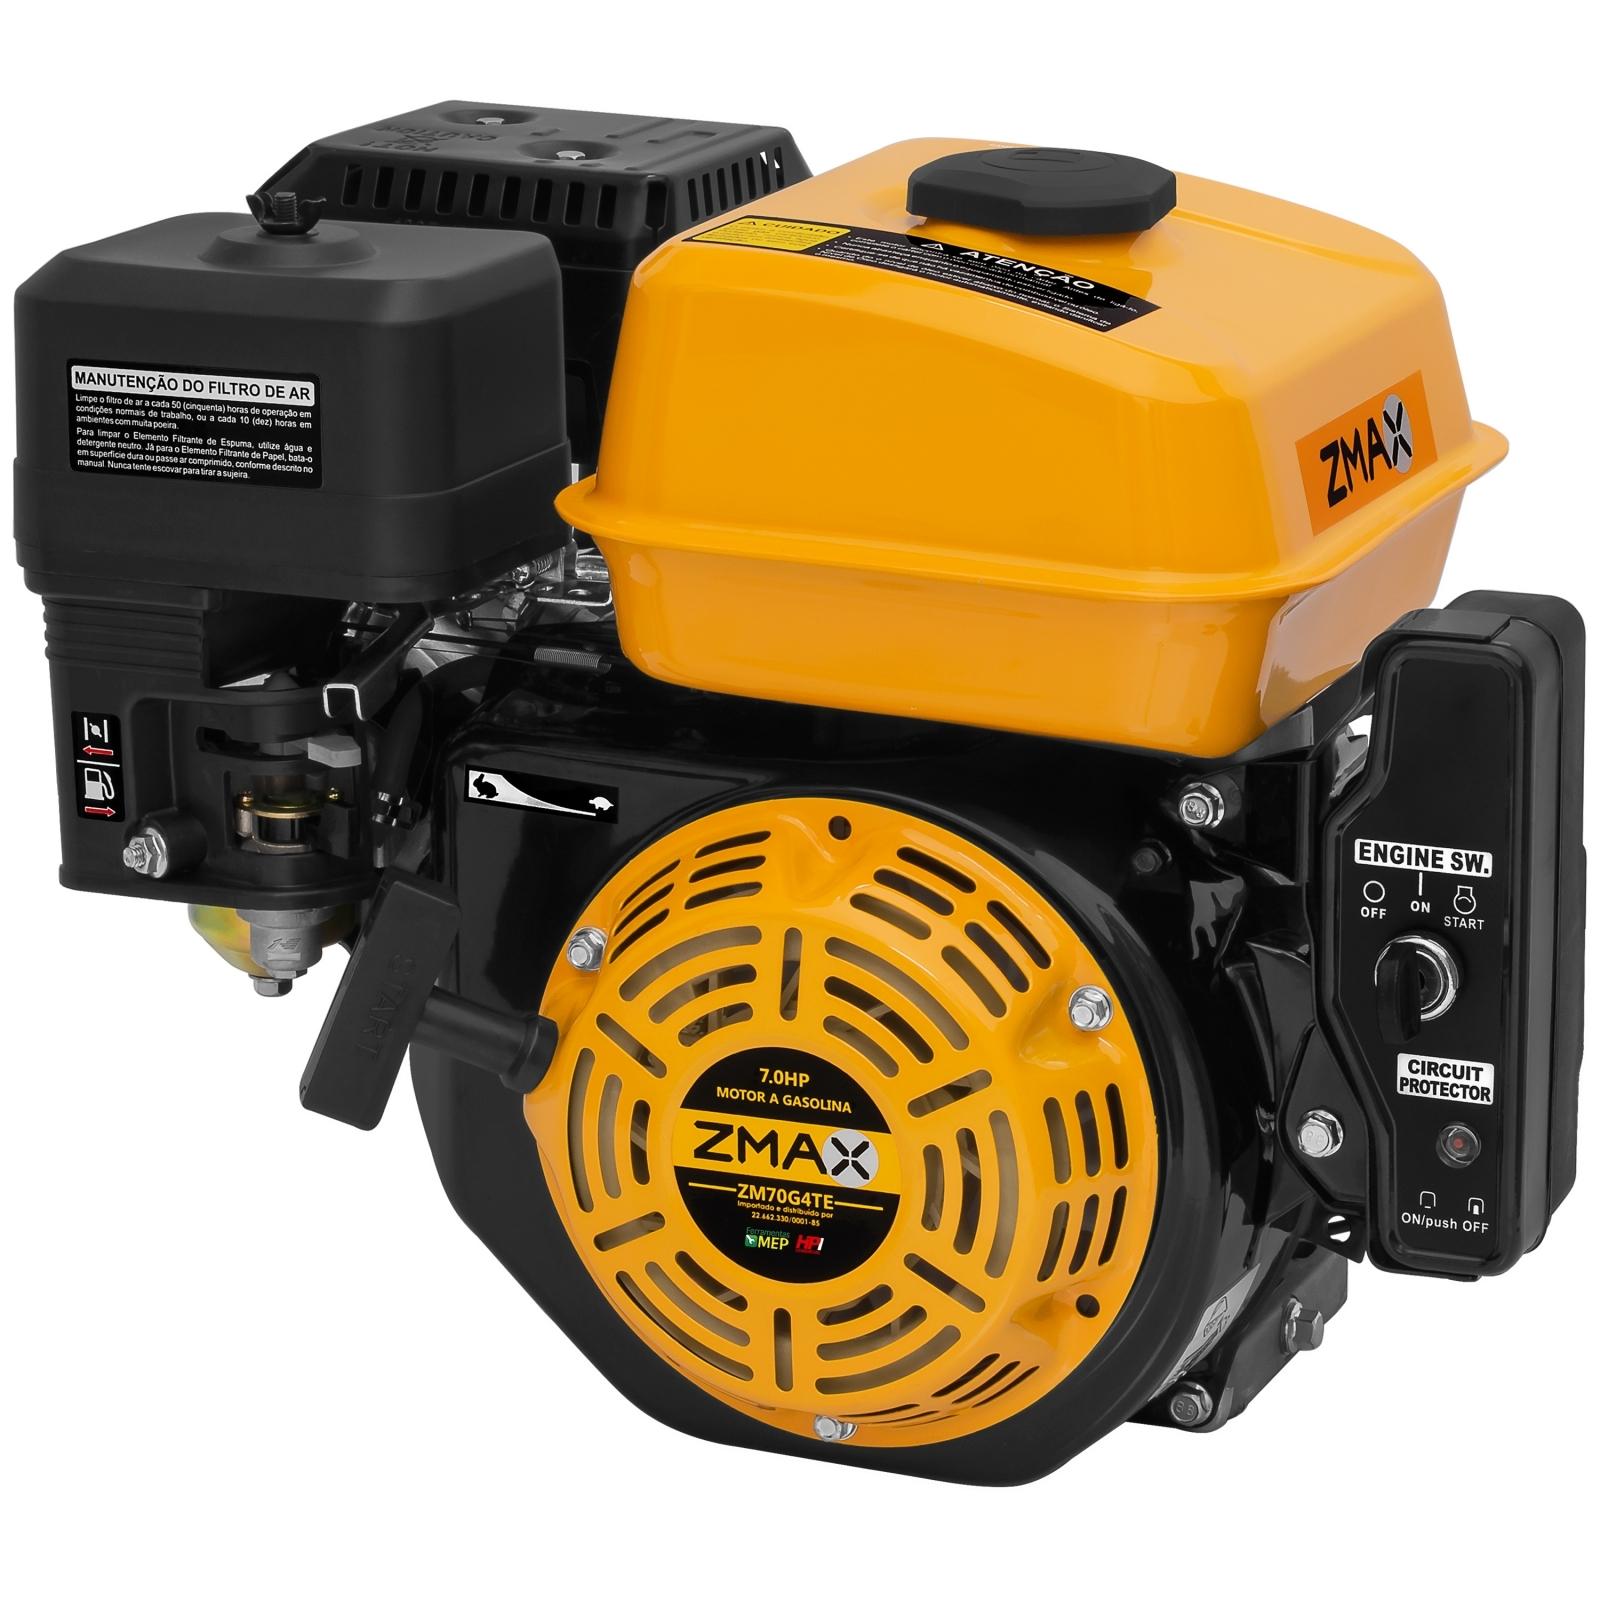 Motor Estacionário Zmax 7hp Gasolina Partida Elétrica 210cc - Ferramentas MEP